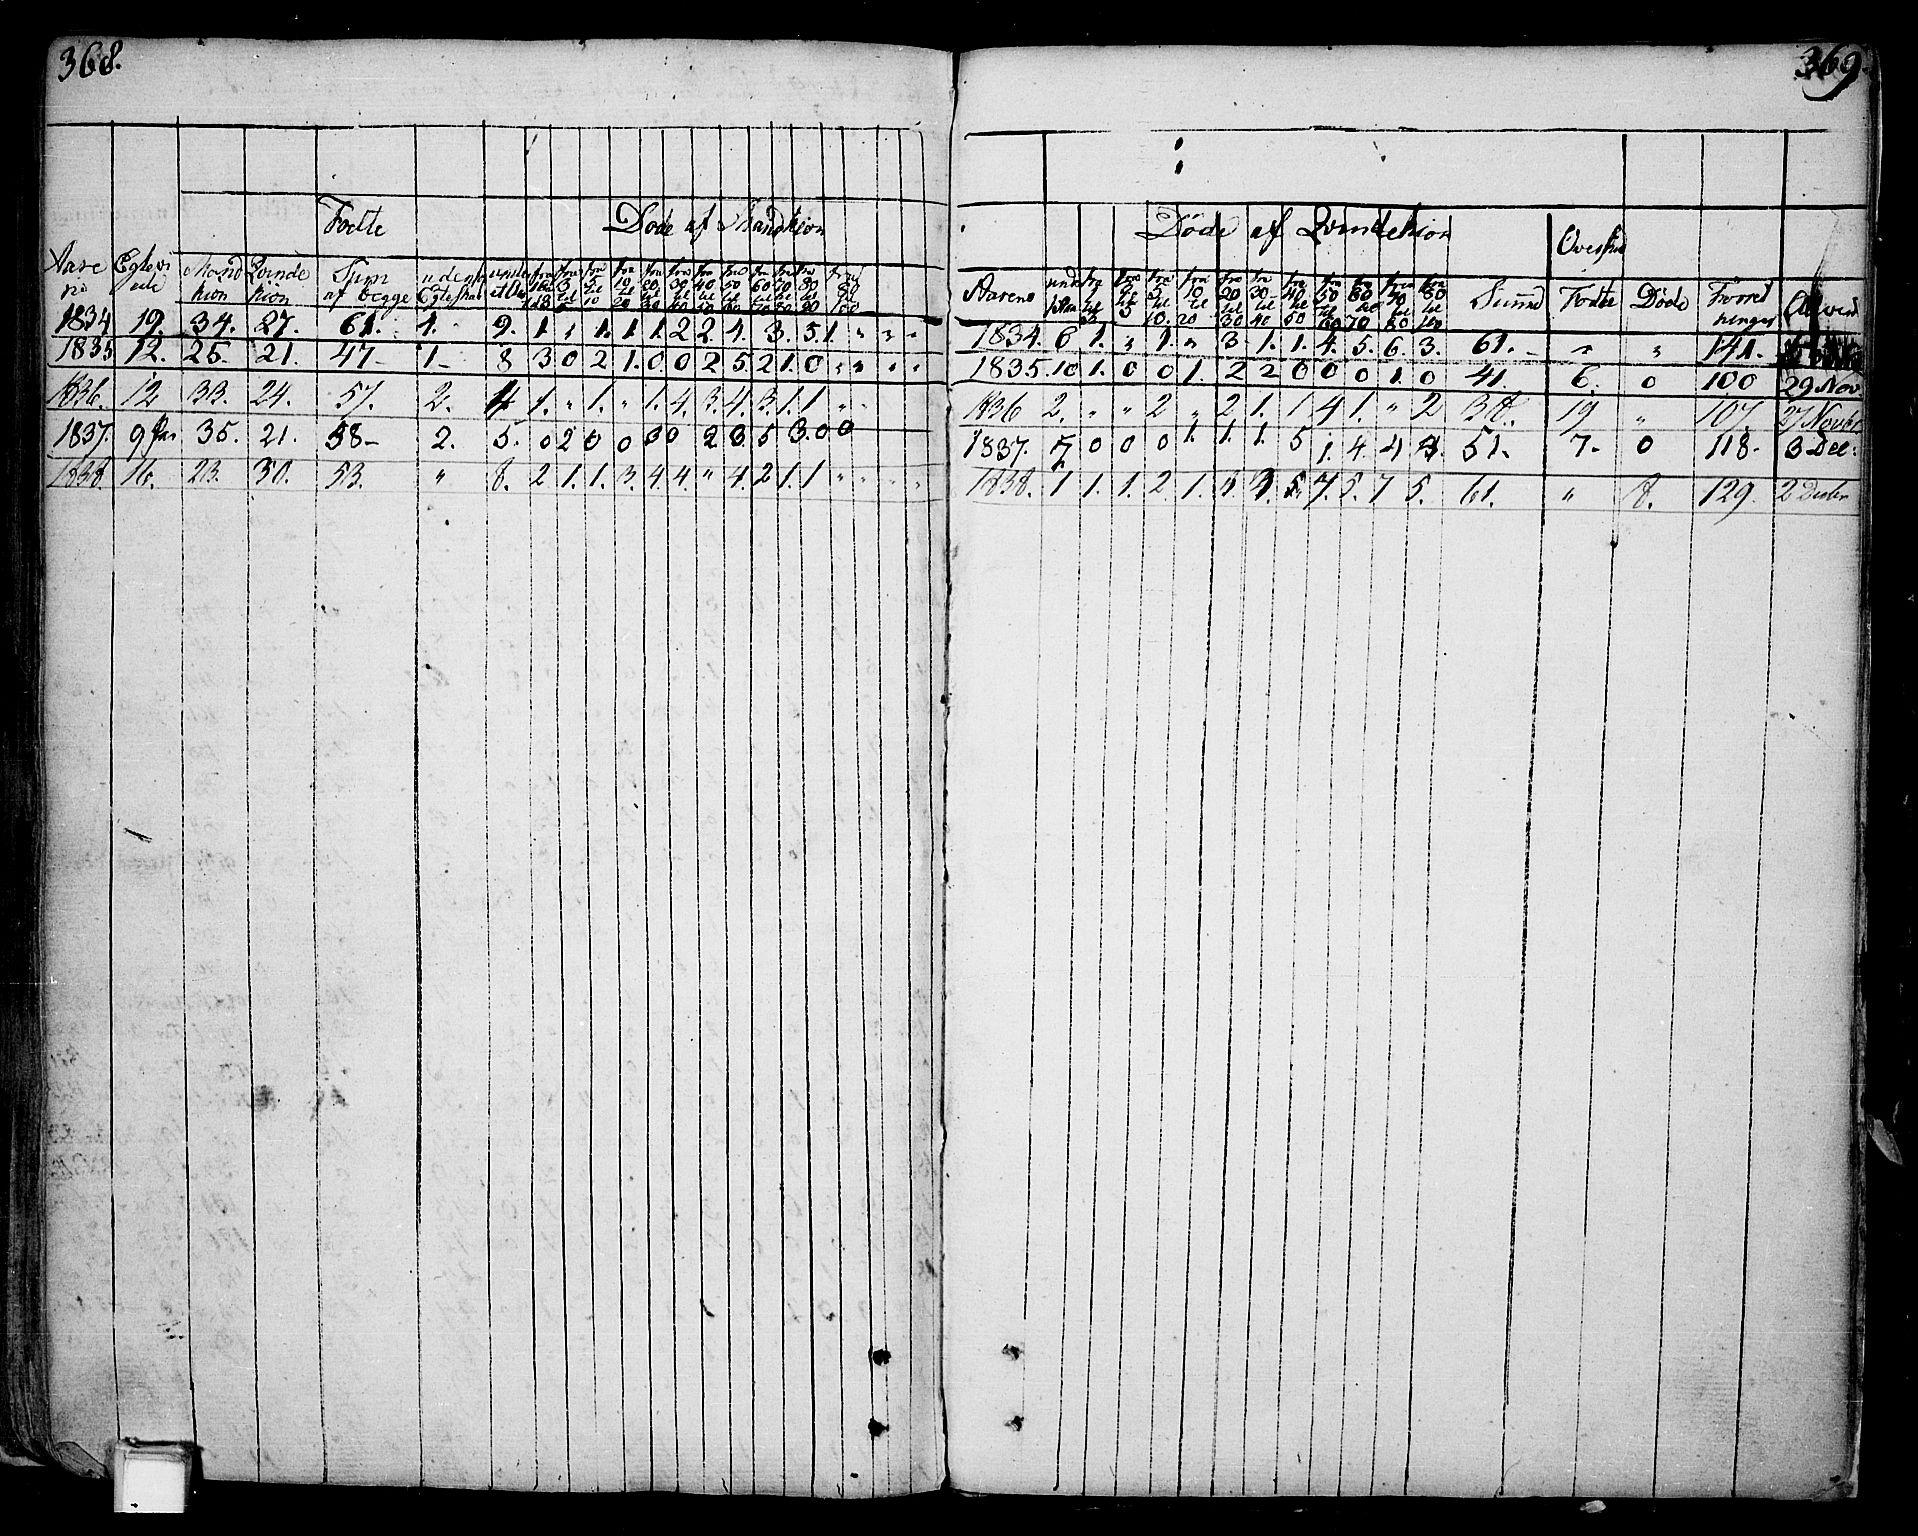 SAKO, Skien kirkebøker, F/Fa/L0004: Ministerialbok nr. 4, 1792-1814, s. 368-369